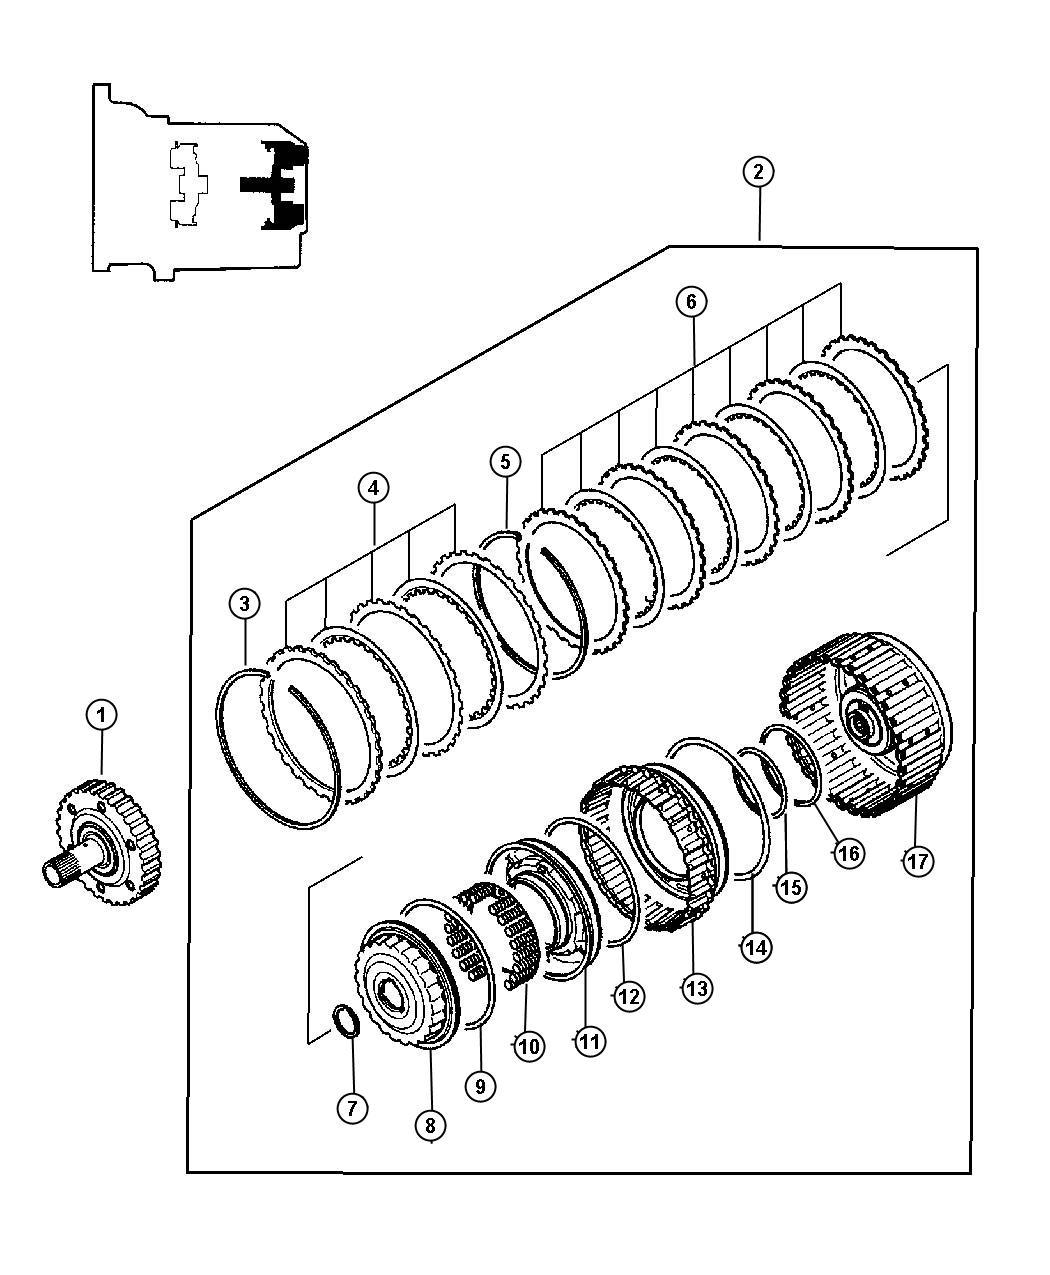 Chrysler Sebring Snap Ring 2 8 Mm 2 8 Engine Clutch